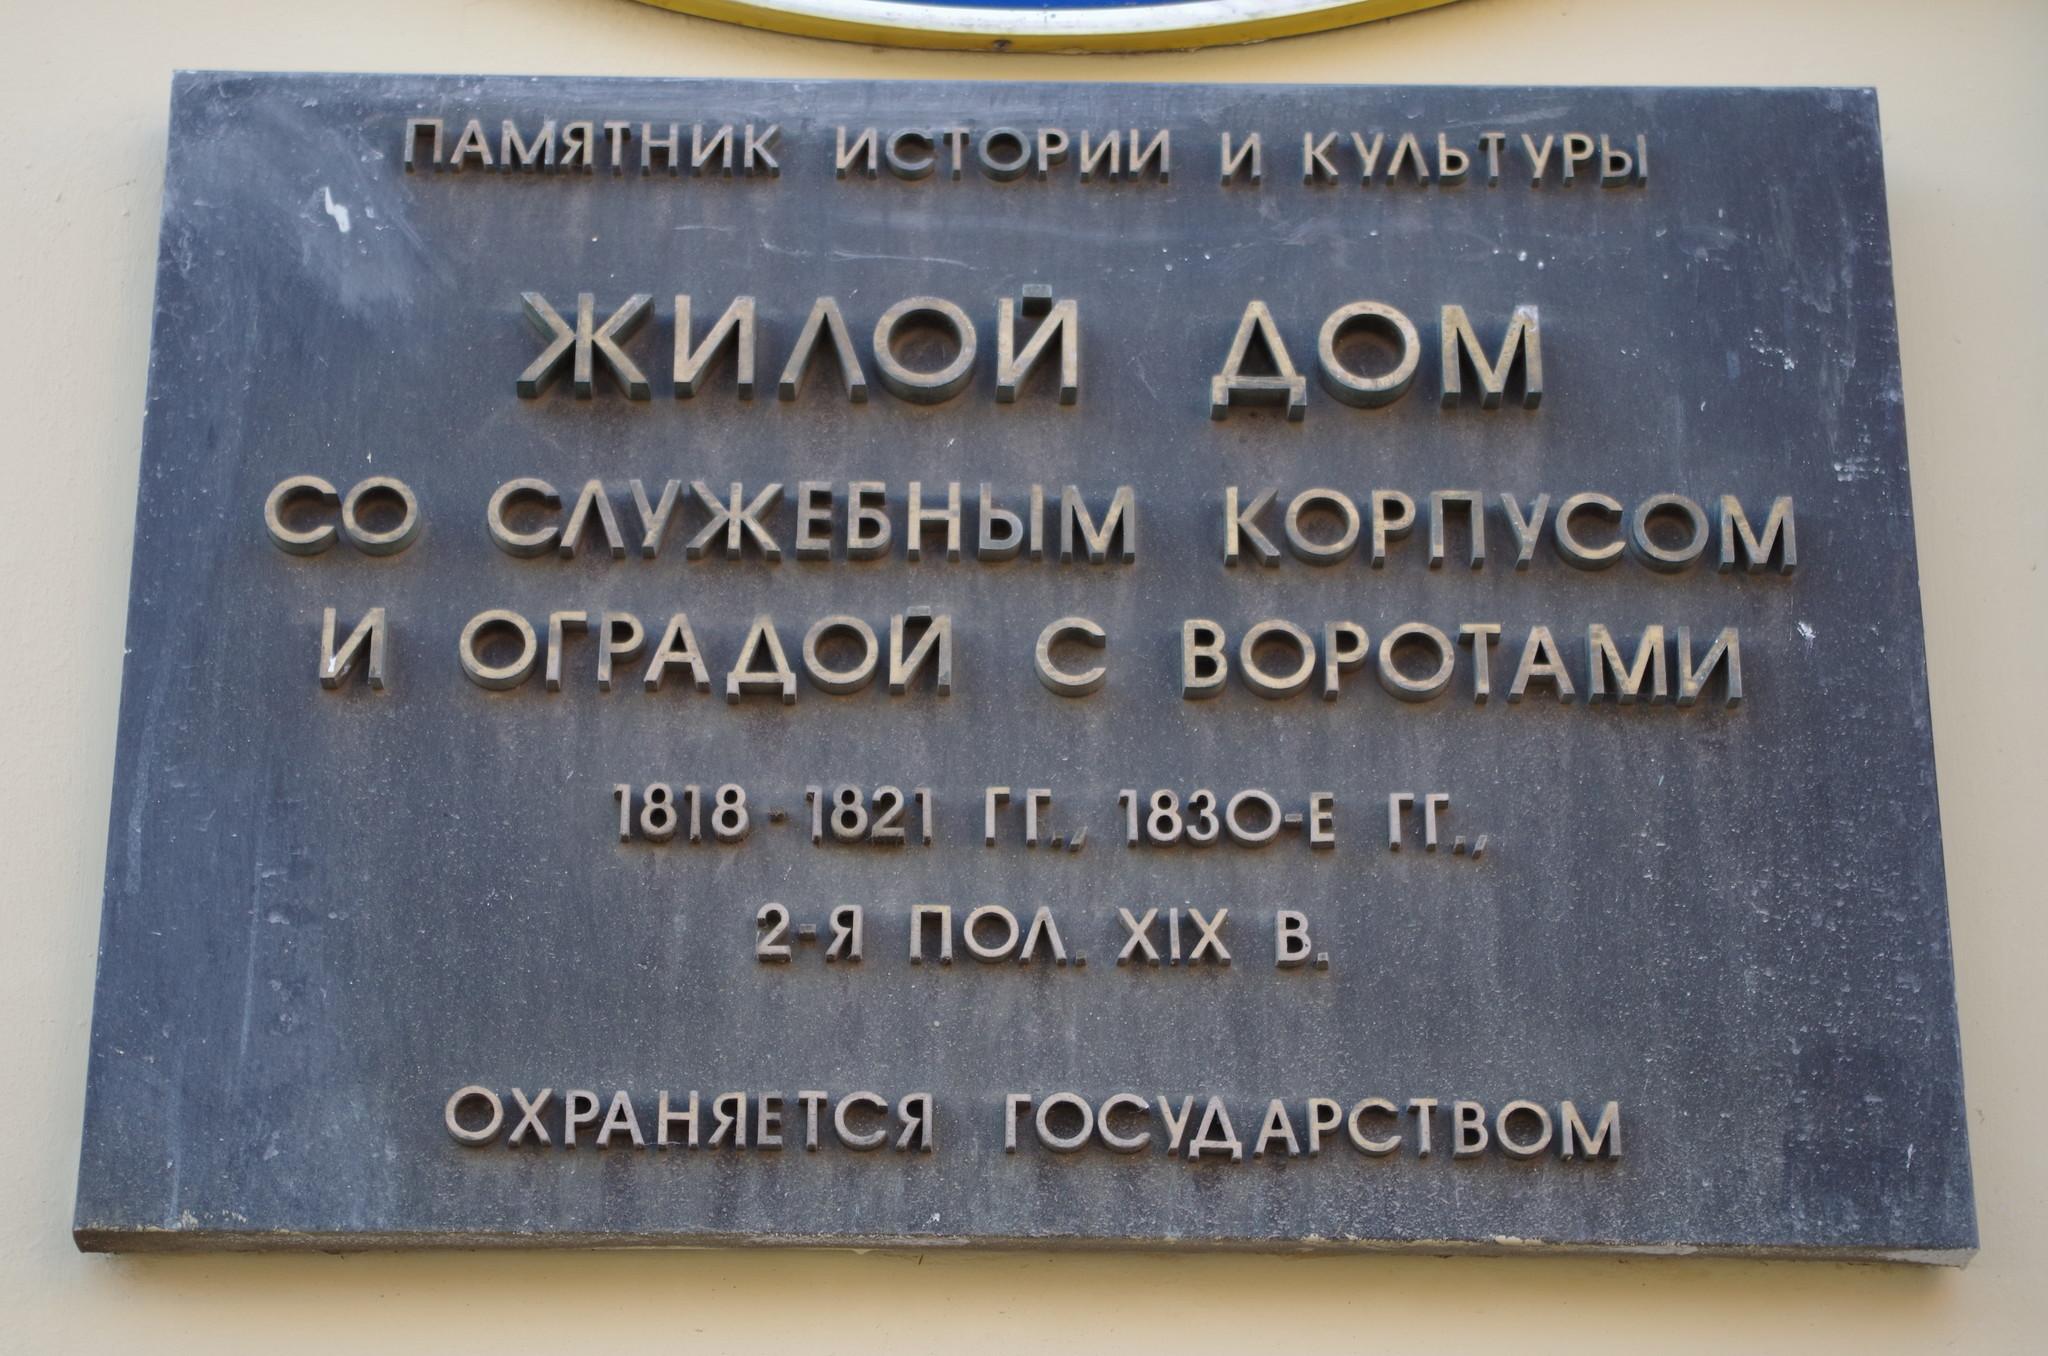 Дом Гусятниковых (Лаврушинский переулок, дом 4, строение 1)